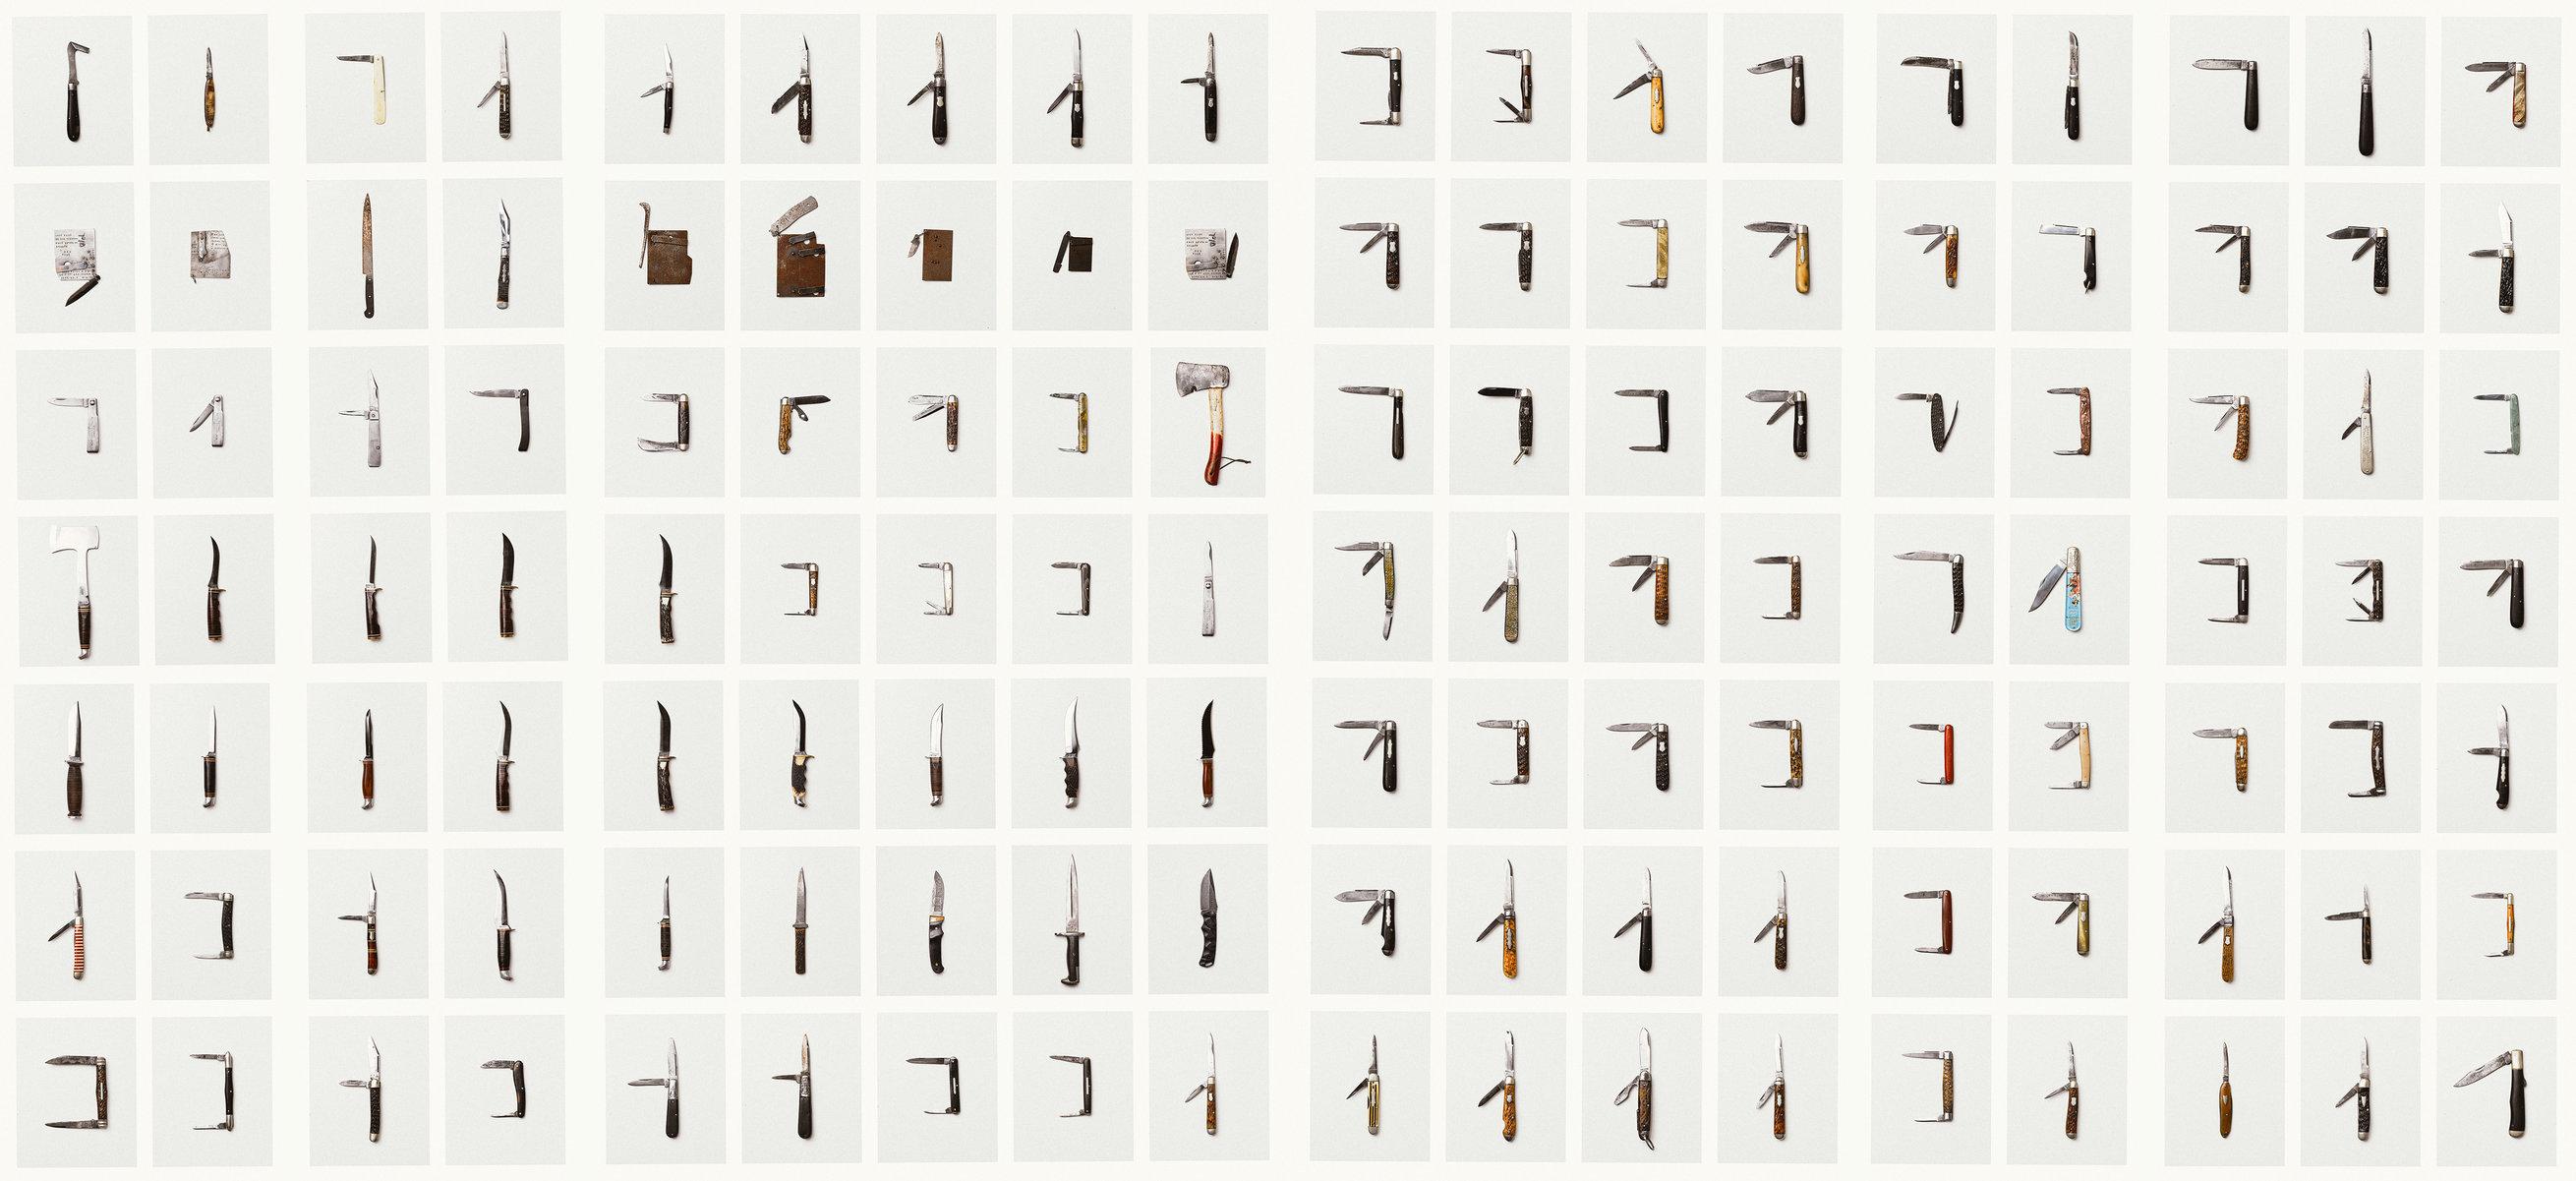 knives_grid_2_horiz-copy.jpg